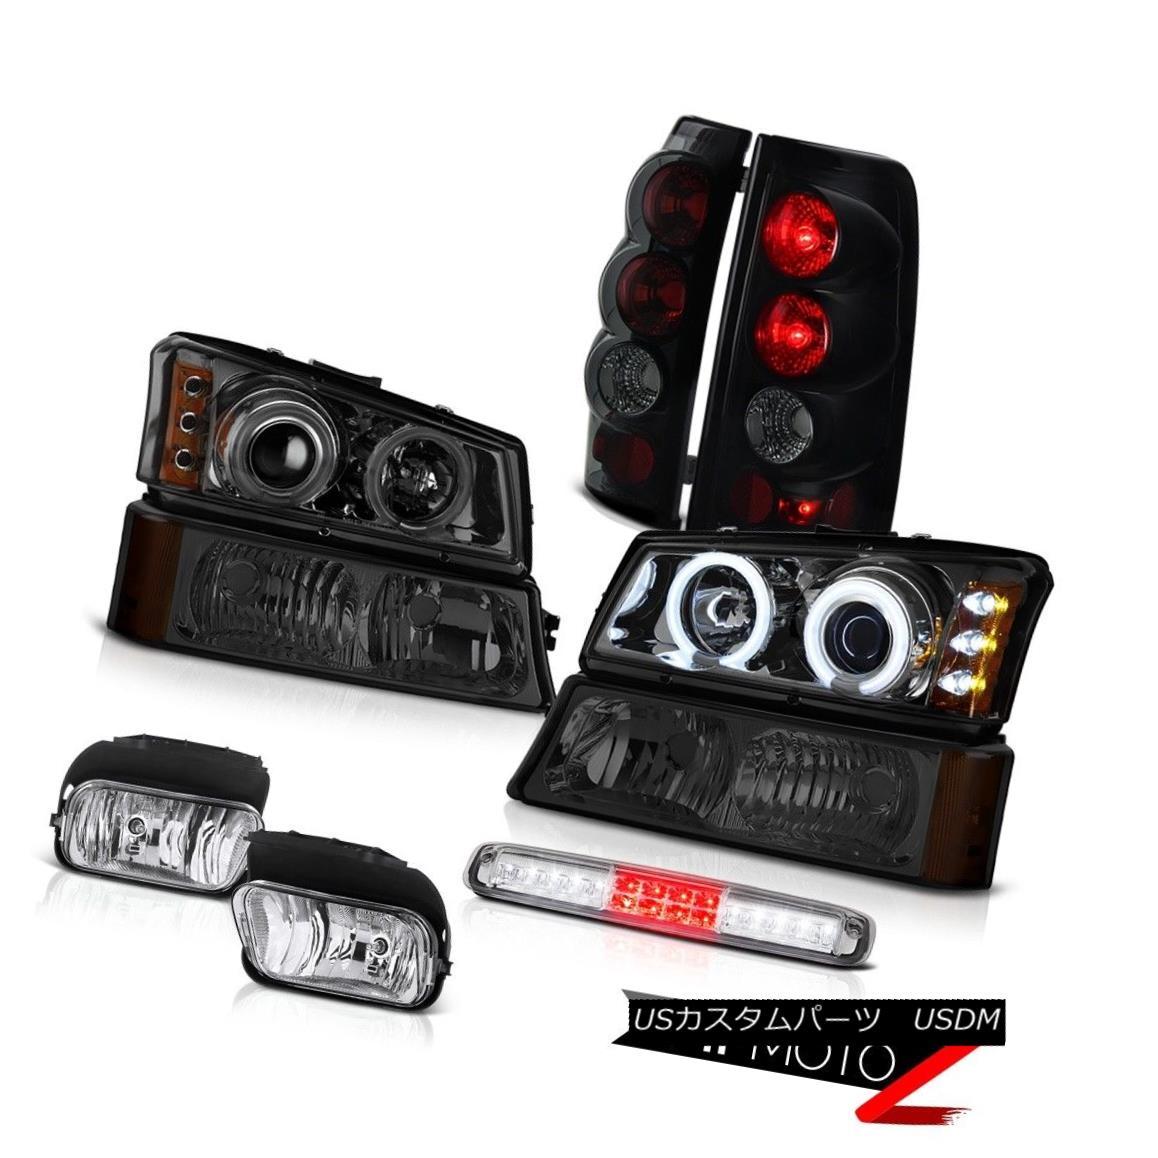 テールライト 03-06 Silverado 1500 Foglamps Bumper Light Roof Brake Headlamps Taillights Euro 03-06 Silverado 1500 Foglampsバンパーライトルーフブレーキヘッドランプテールランプユーロ